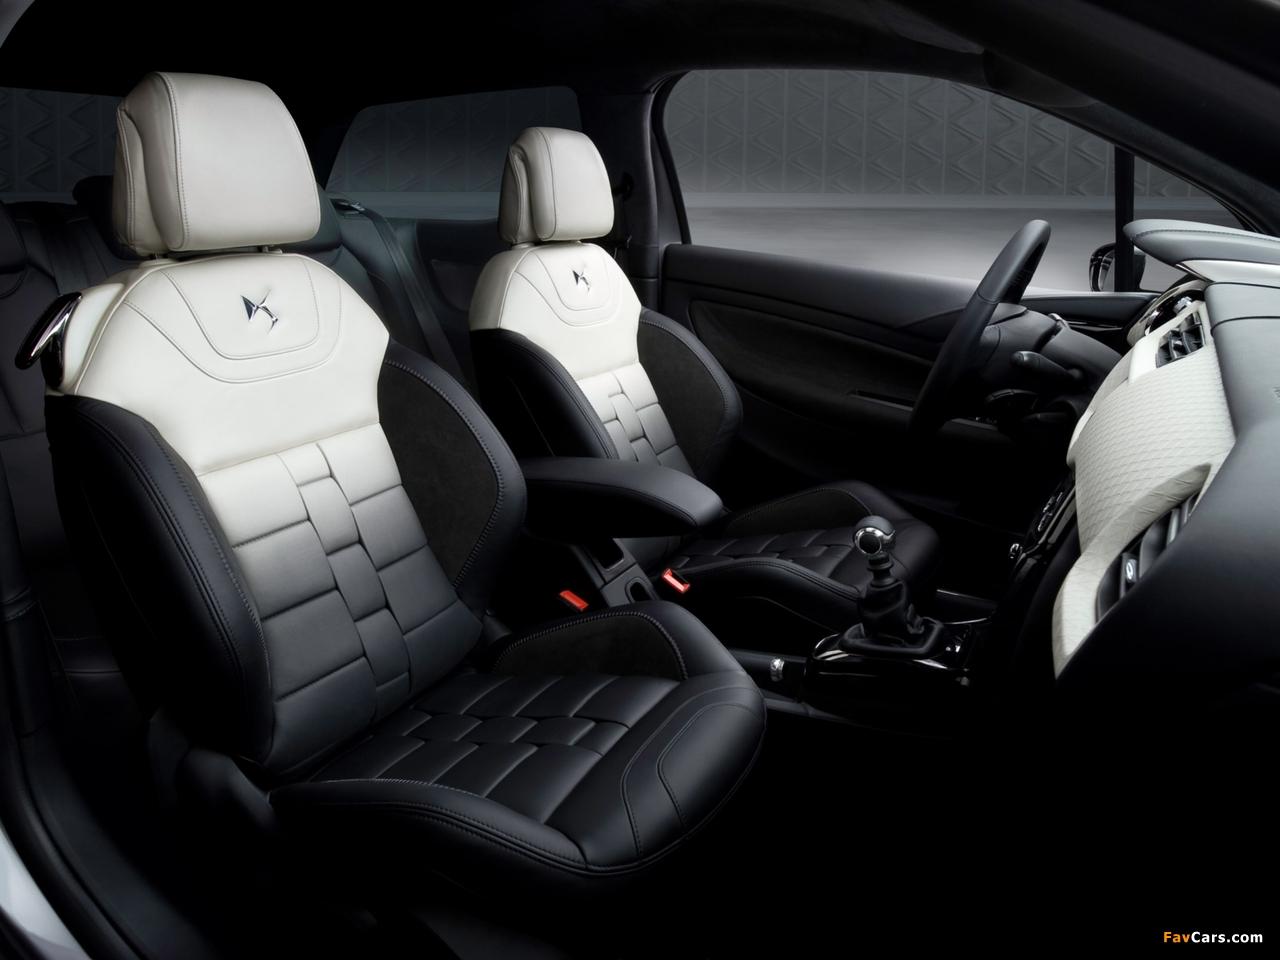 Citroën DS Inside Concept 2009 pictures (1280 x 960)